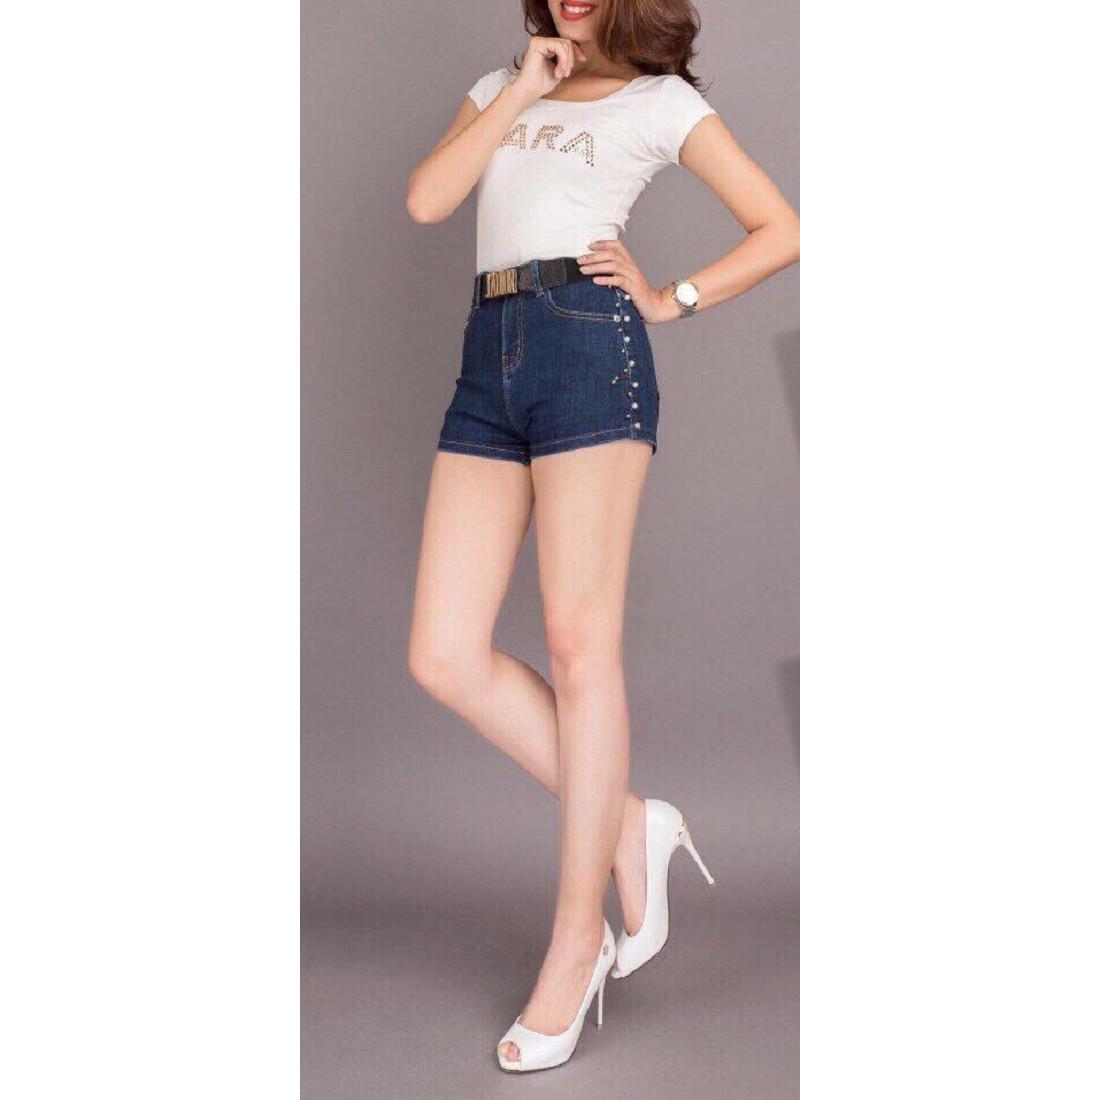 Quần Shorts Jeans Nữ Kết Hẹt Co giãn